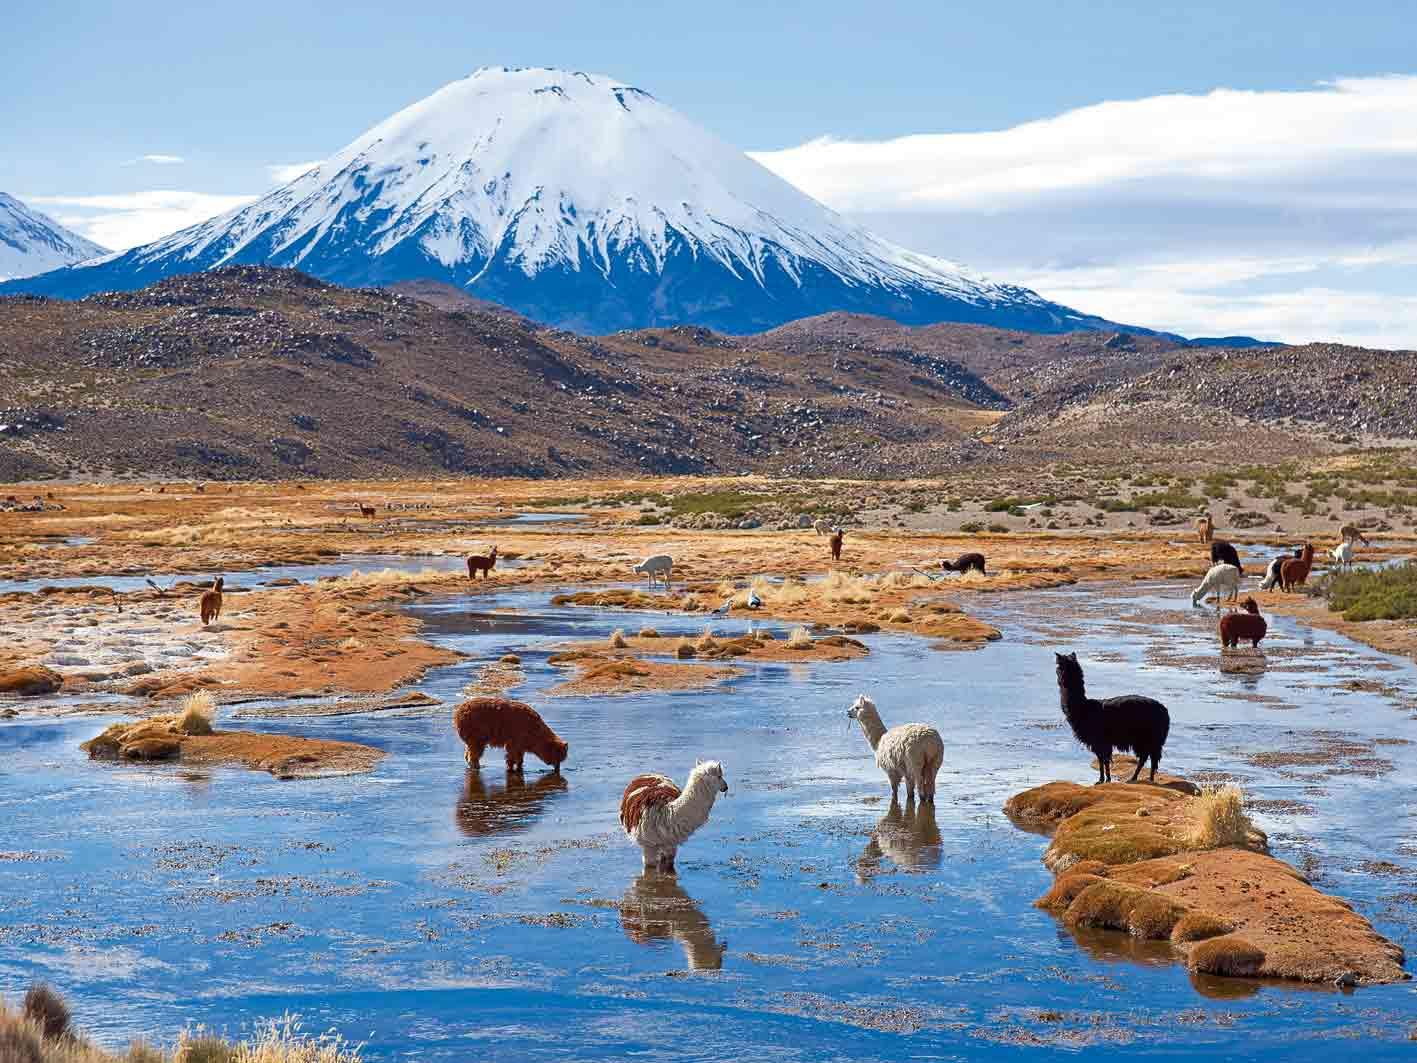 Wunderschöner Lauca-Nationalpark im Anden-Hochland von Chile Foto: Jeremy Richards